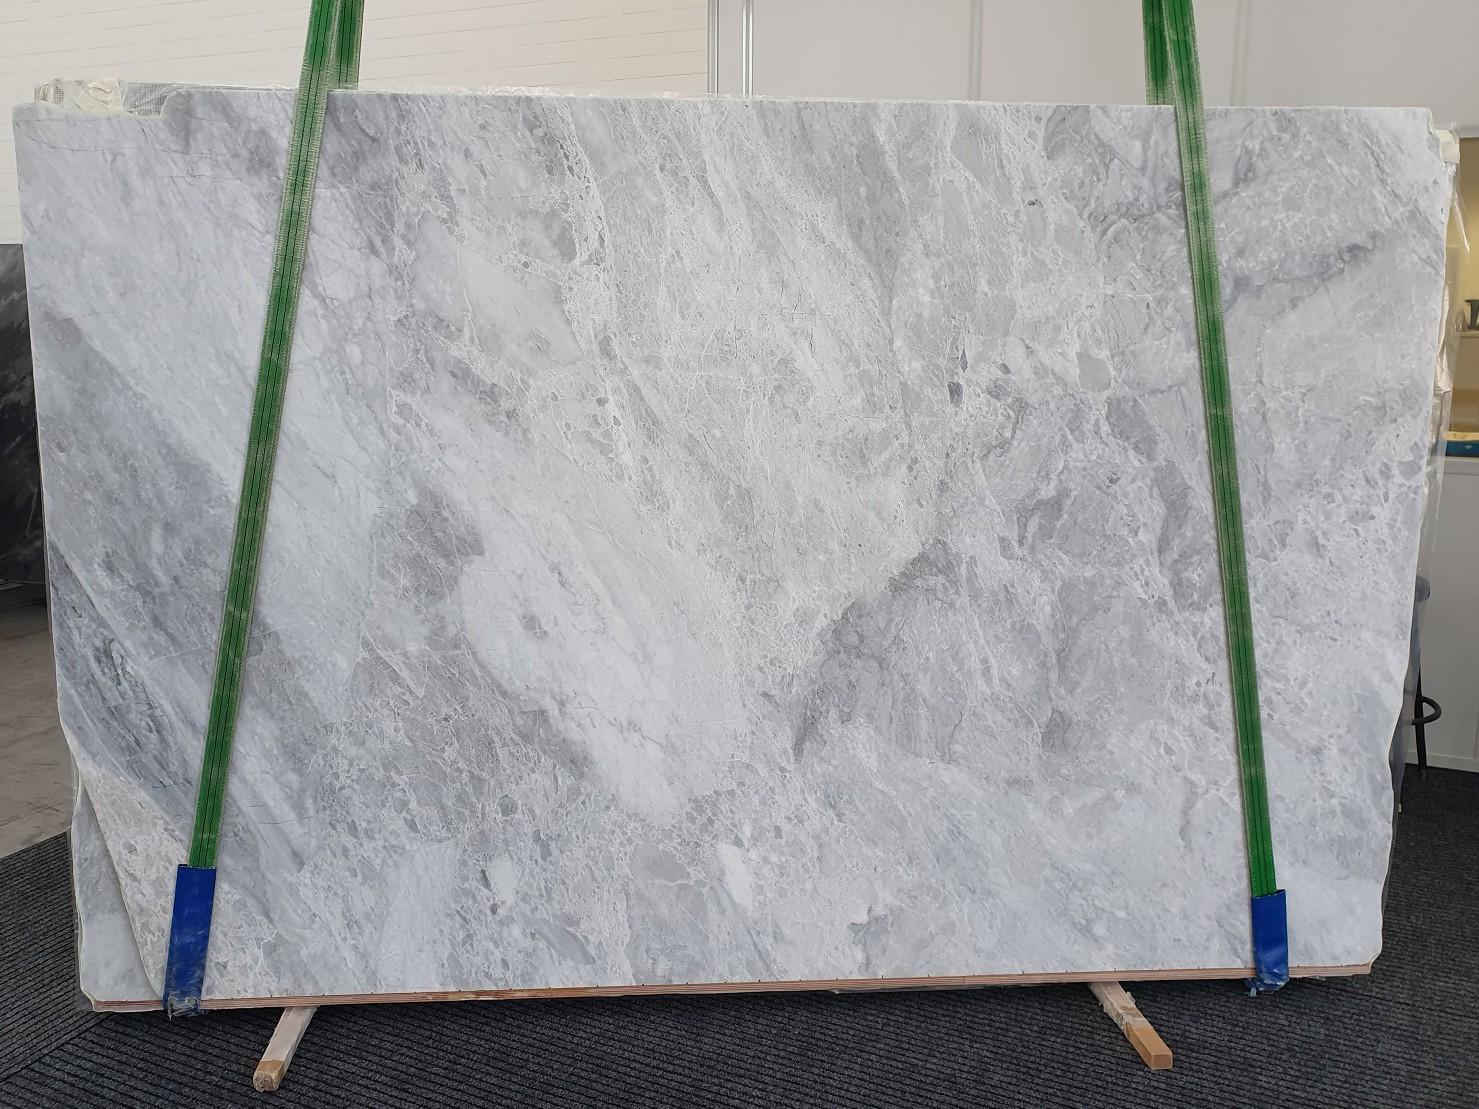 TRAMBISERA Fornitura Veneto (Italia) di lastre grezze lucide in marmo naturale 12931 , Bnd04-Slb31